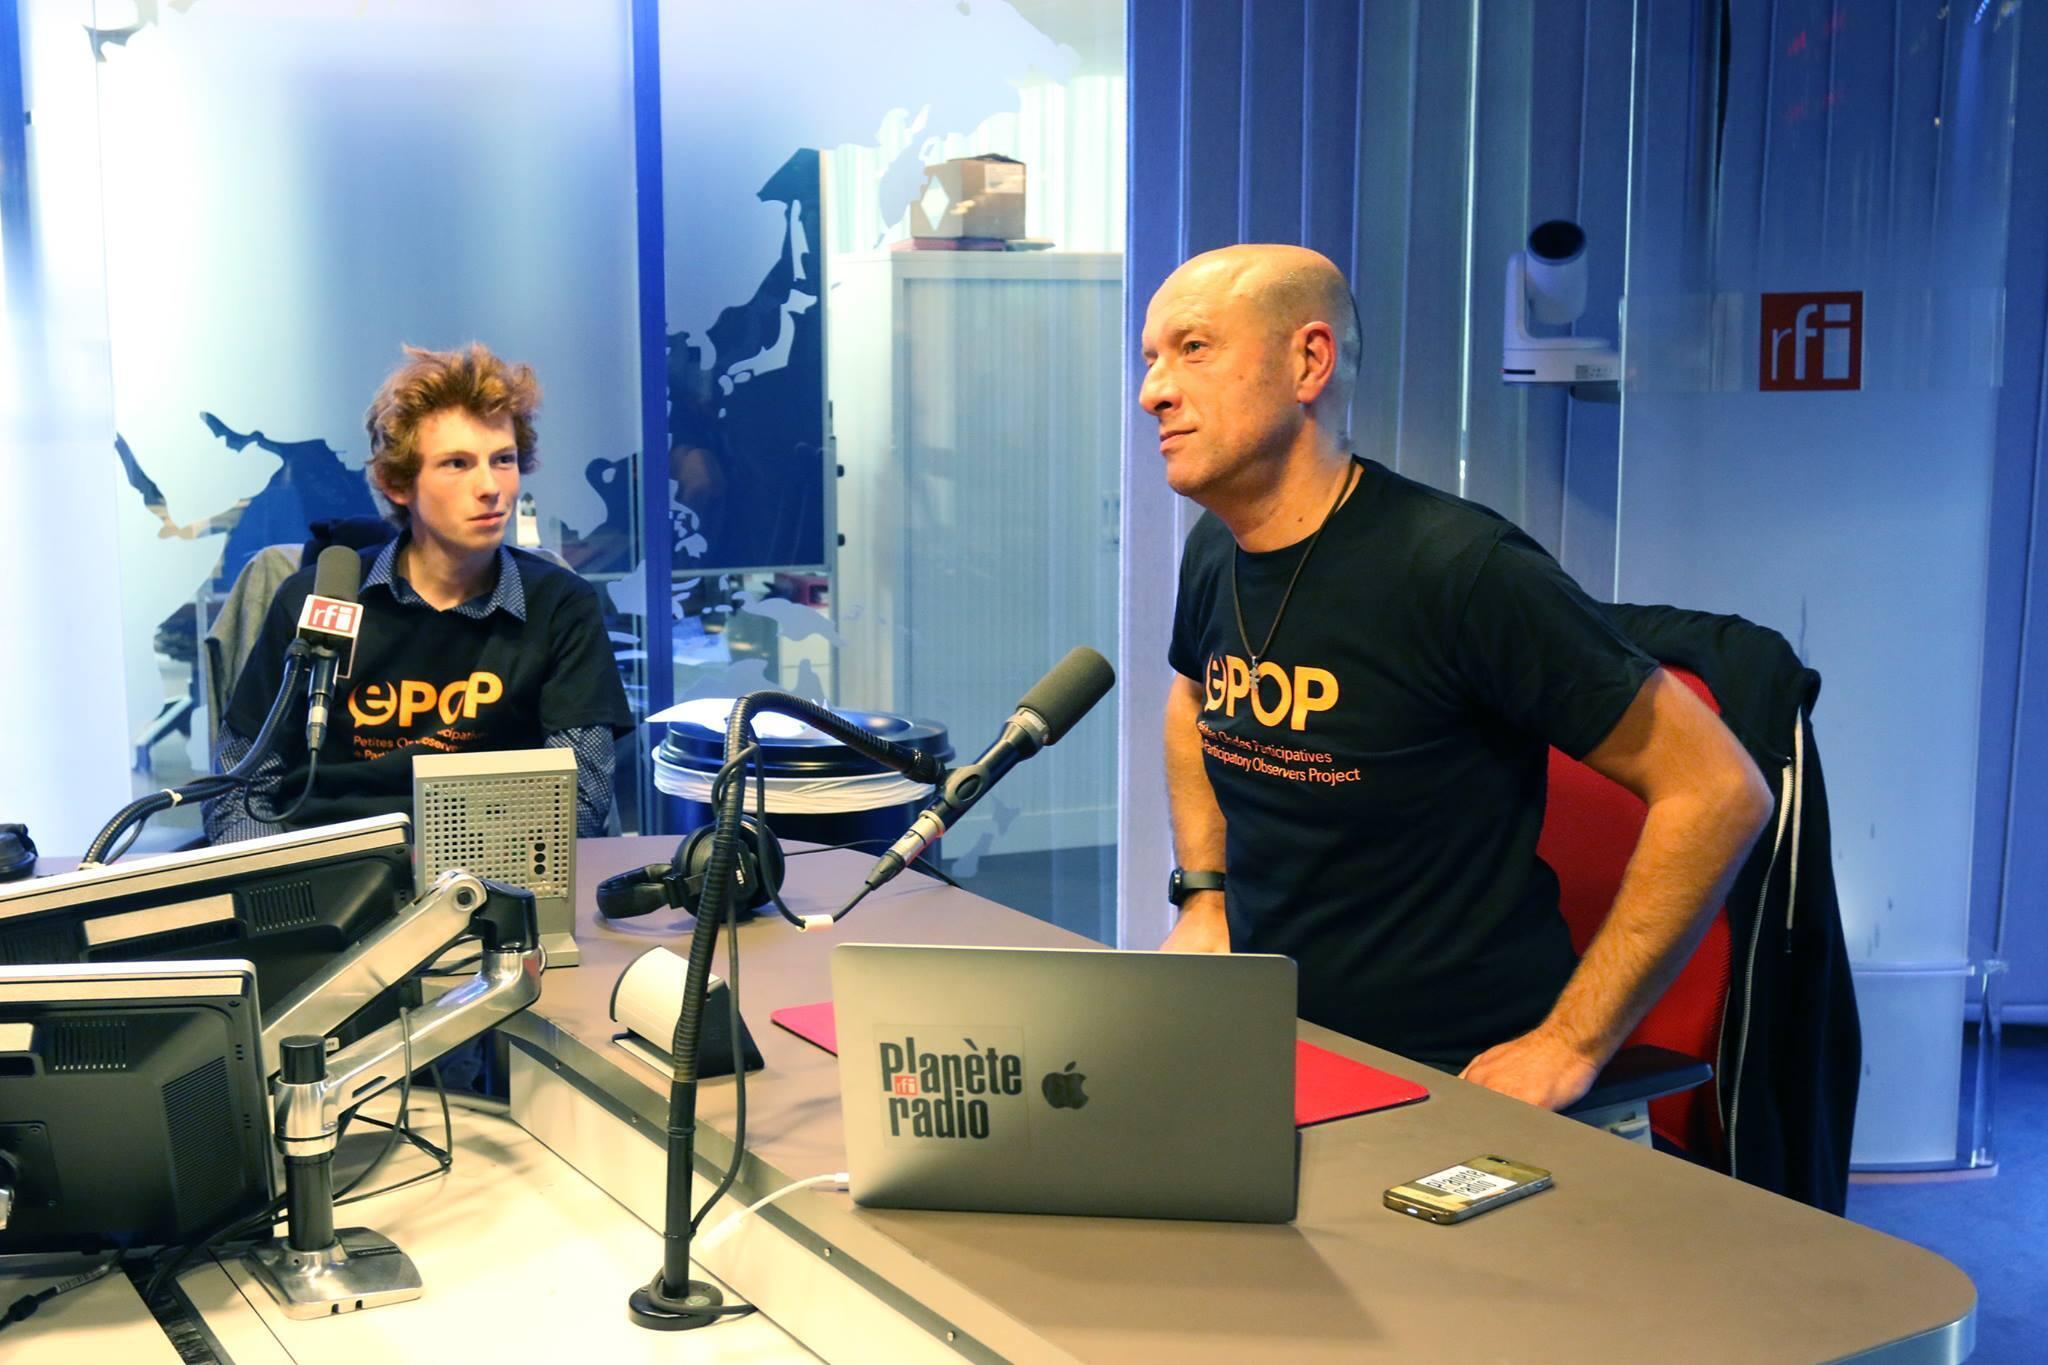 Max Bale, chef de service de RFI planète radio, et Guilhem Chamboredon jeune ePOPer de Nouméa, invités d'Anne-Cécile Bras, présentent le projet E-POP. (image d'illustration)